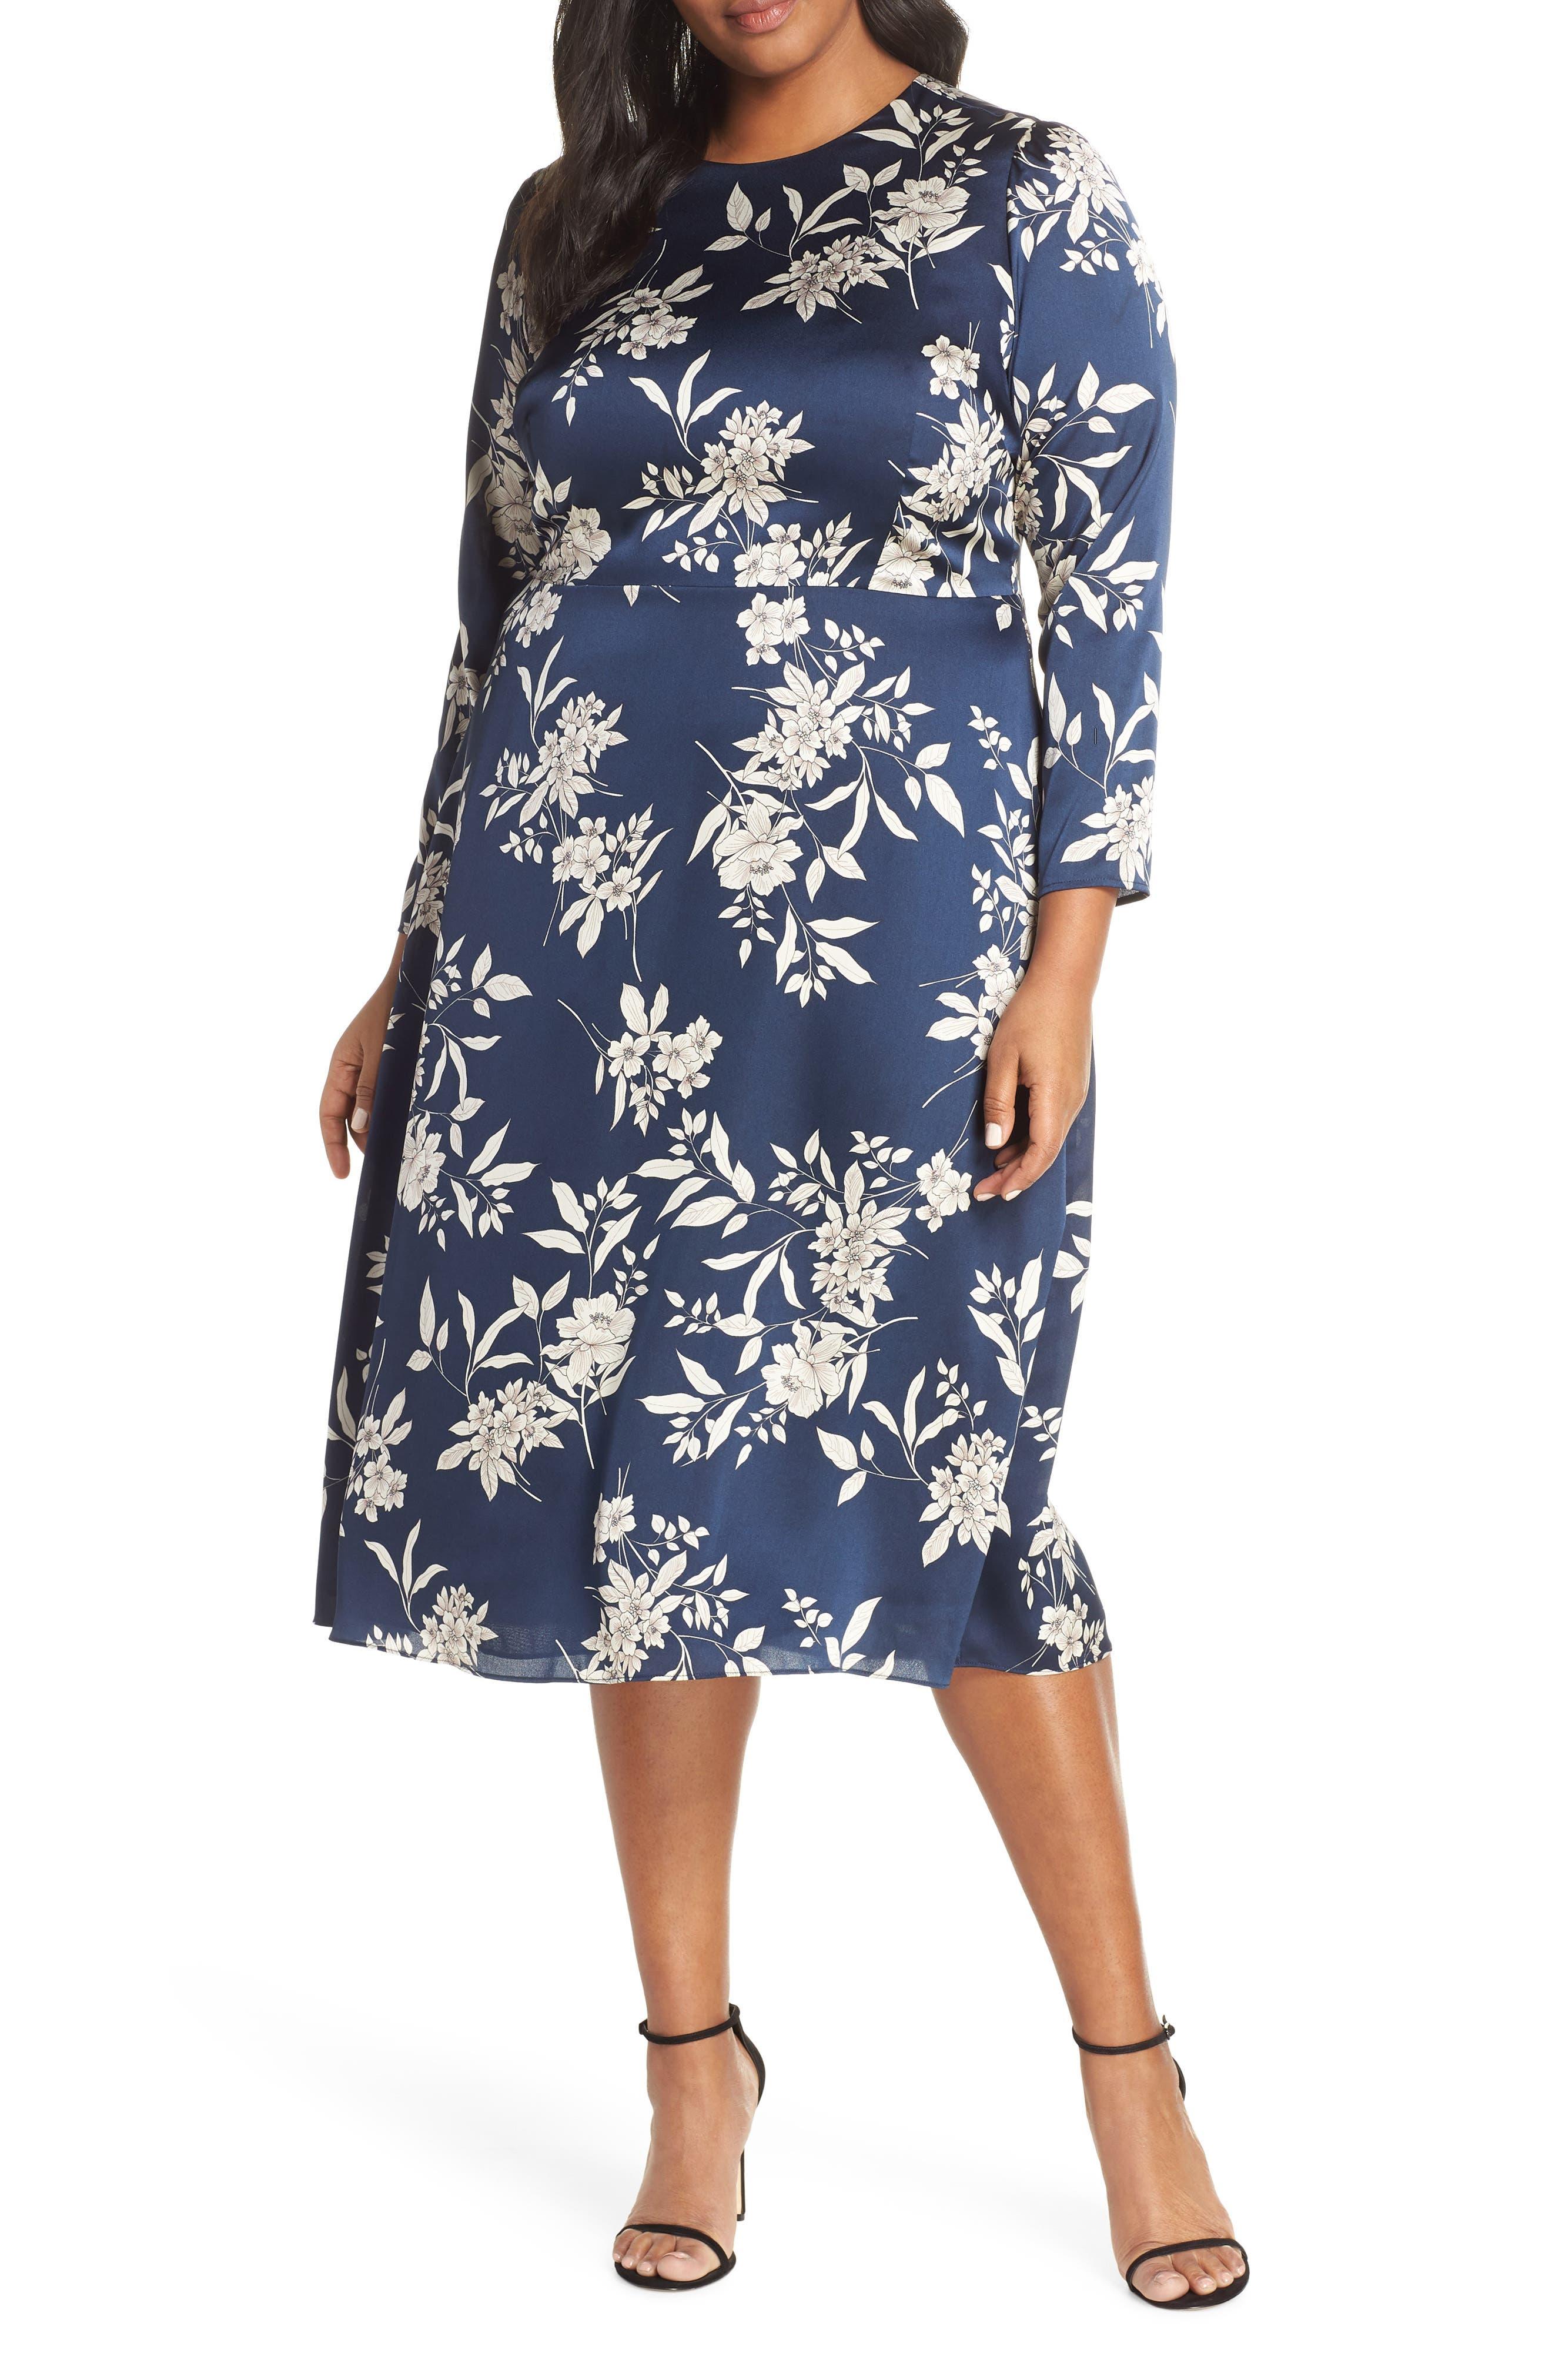 VINCE CAMUTO, Etched Bouquet Midi Dress, Main thumbnail 1, color, 400